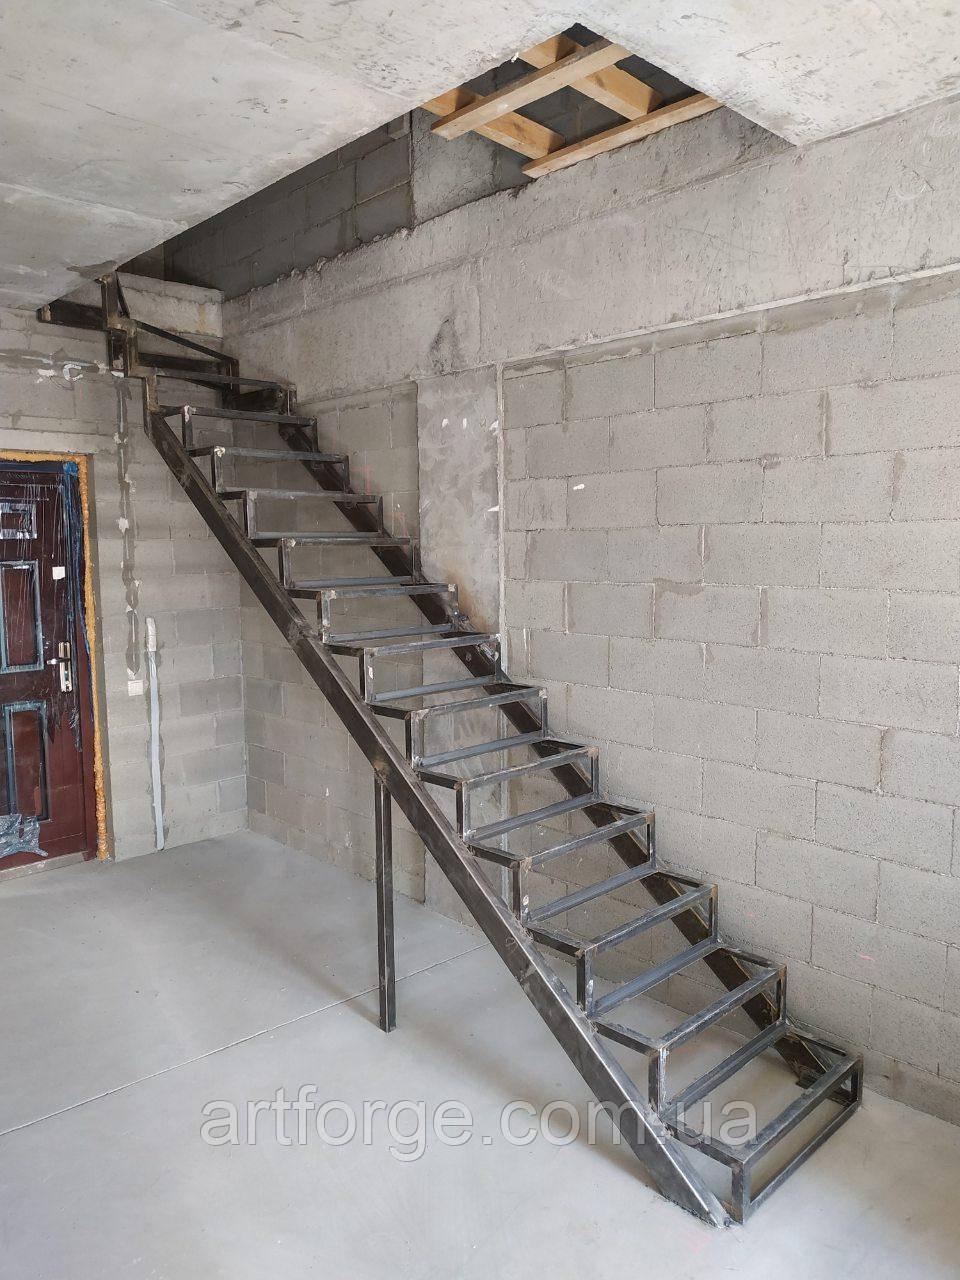 Лестница в квартиру. Каркас лестницы . Прямой марш с поворотом.